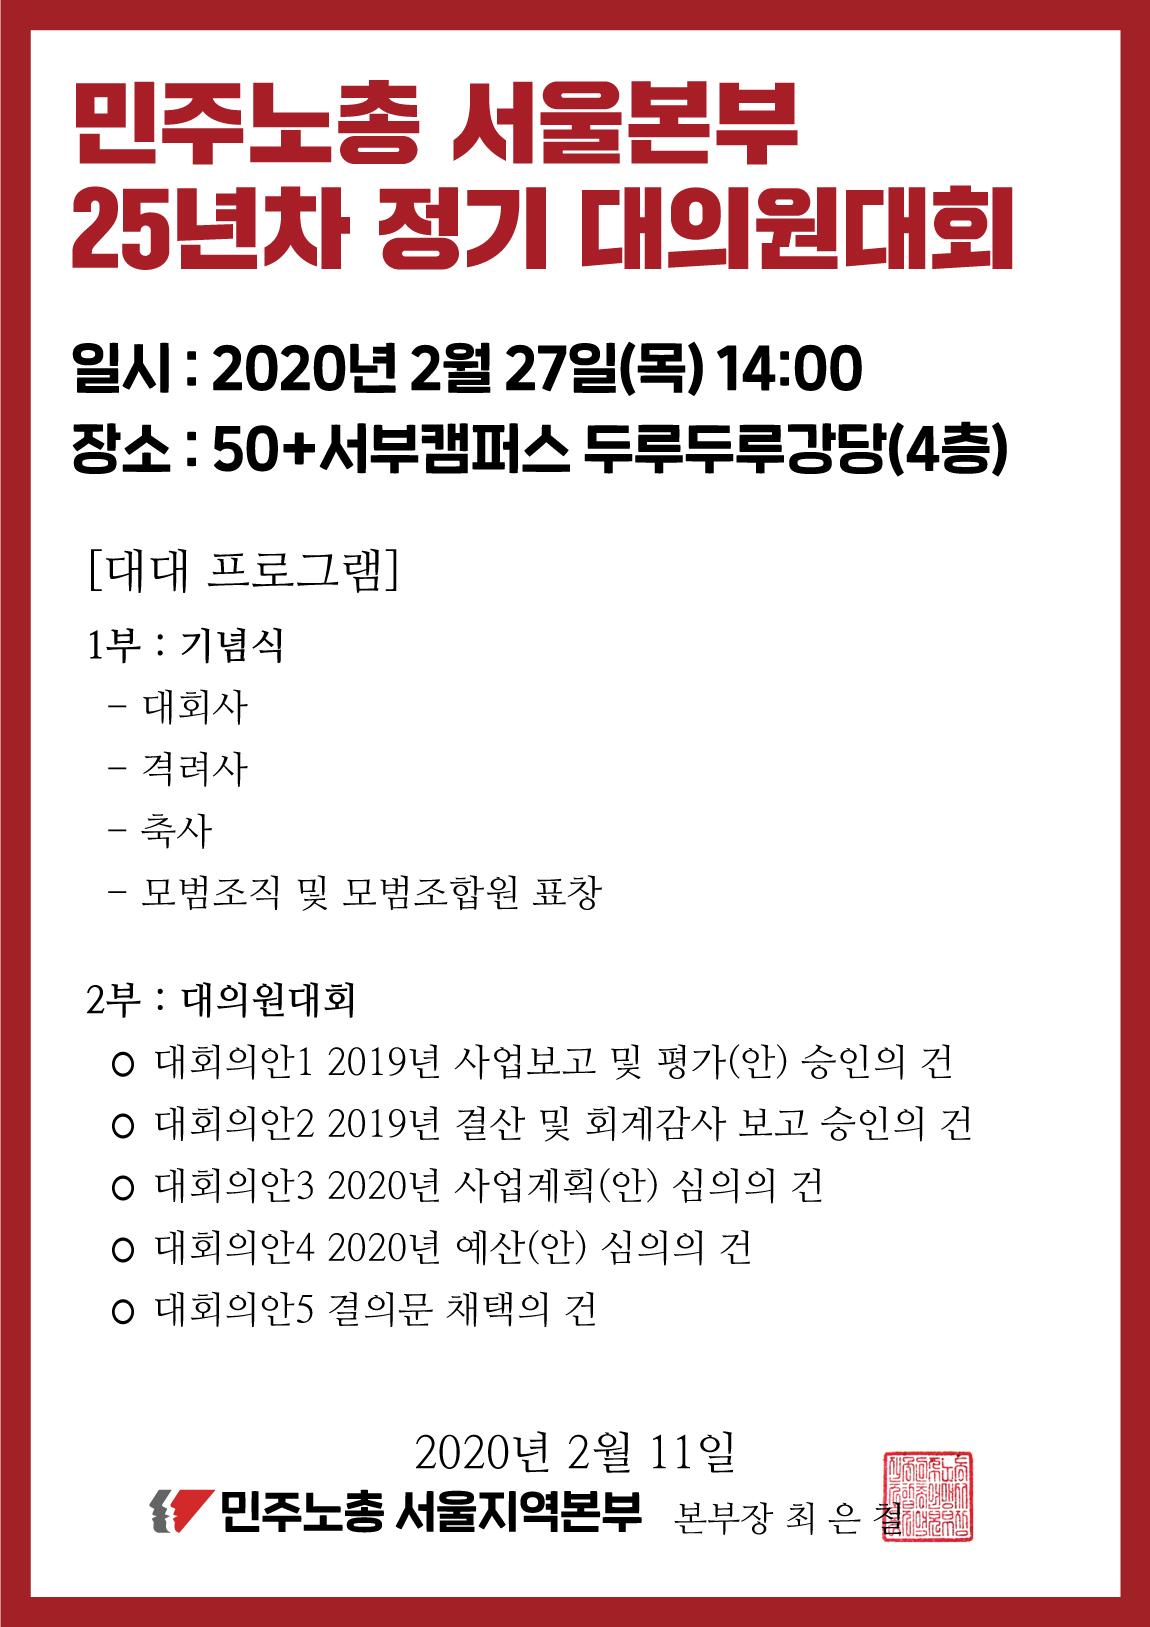 200211_25년차-정기대대-공지-웹자보.jpg